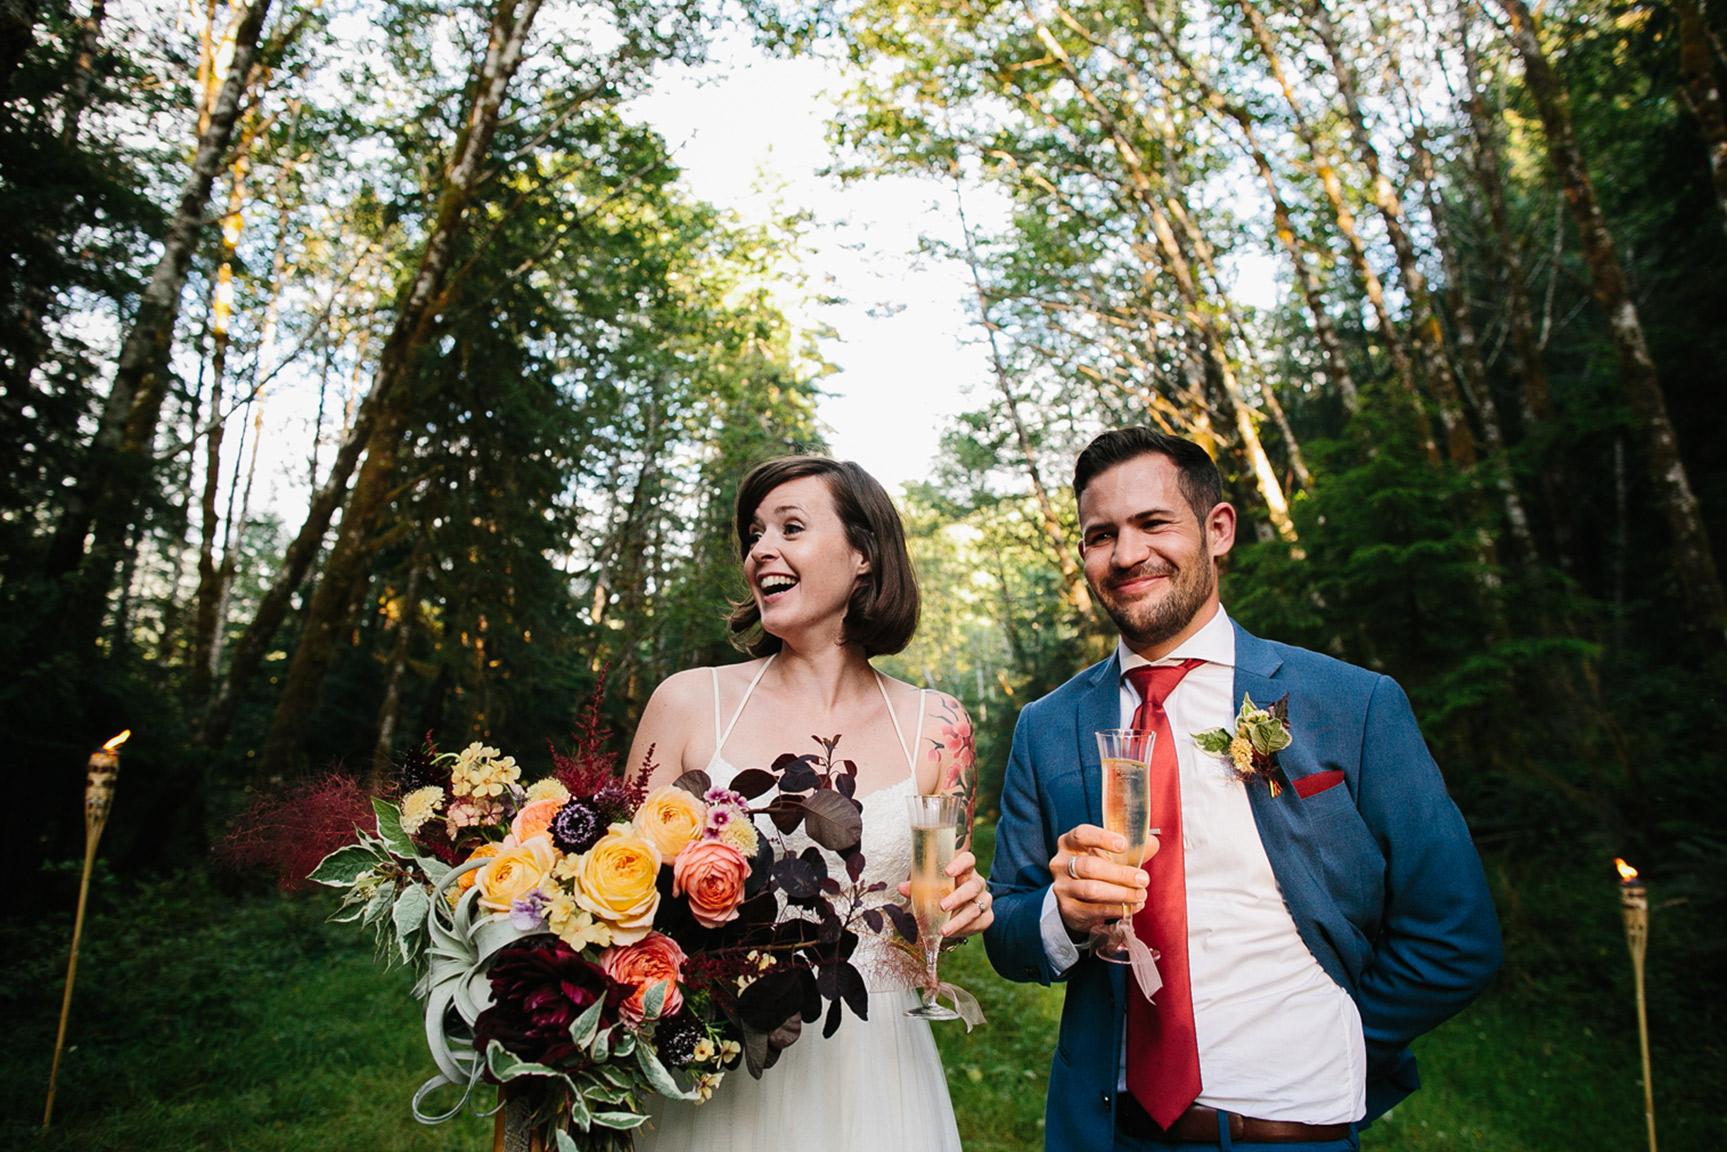 Washington_WeddingPhotographer_040.jpg